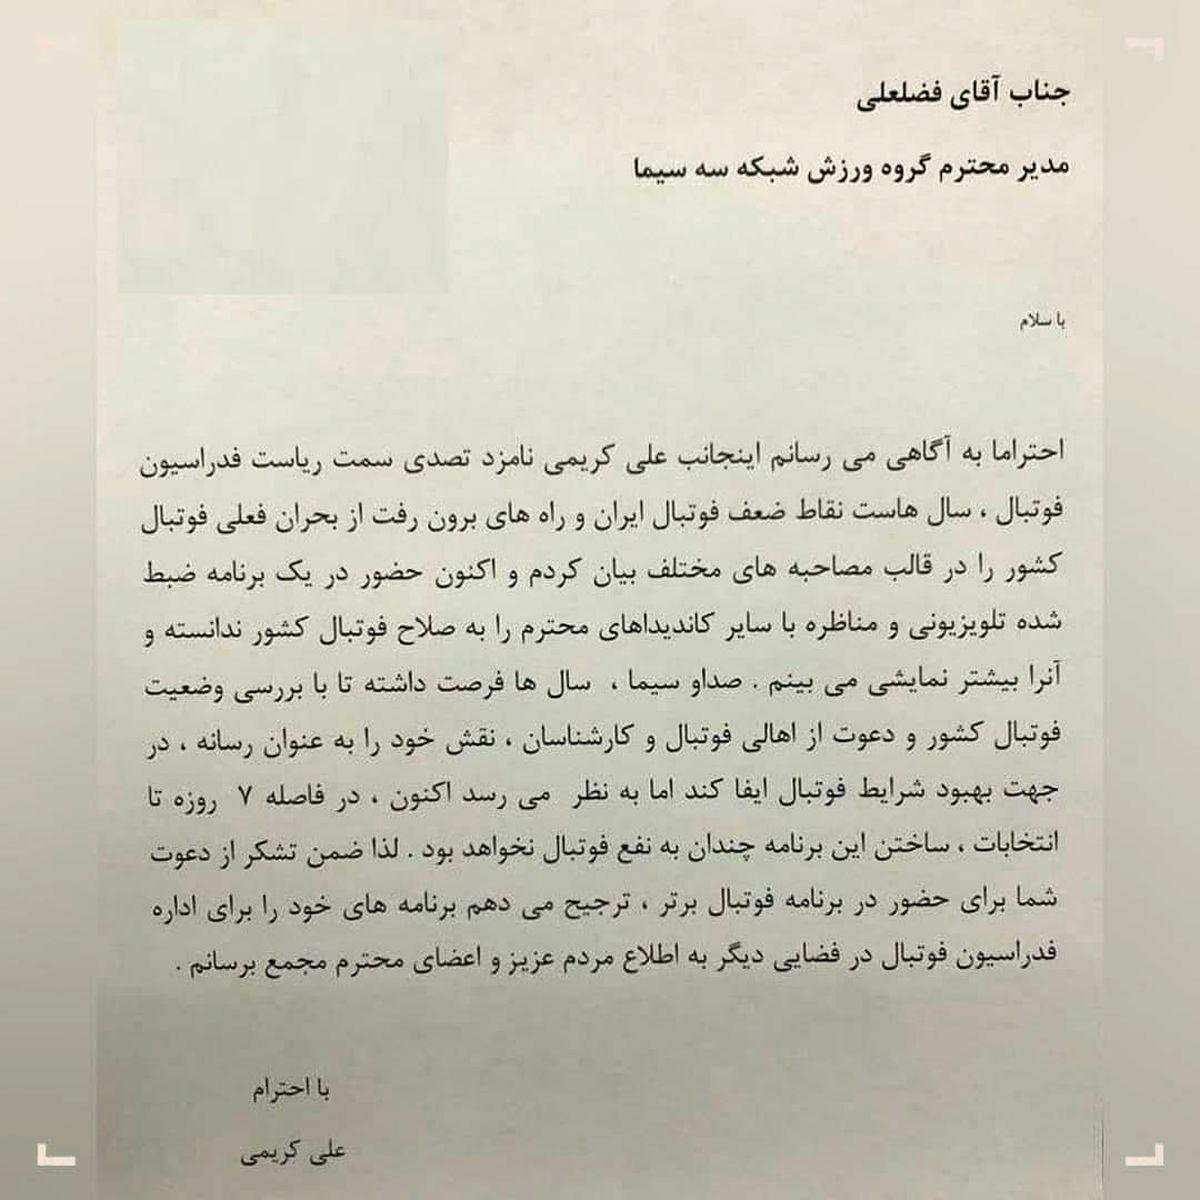 نامه جنجالی علی کریمی به مدیر گروه ورزش شبکه سه+عکس